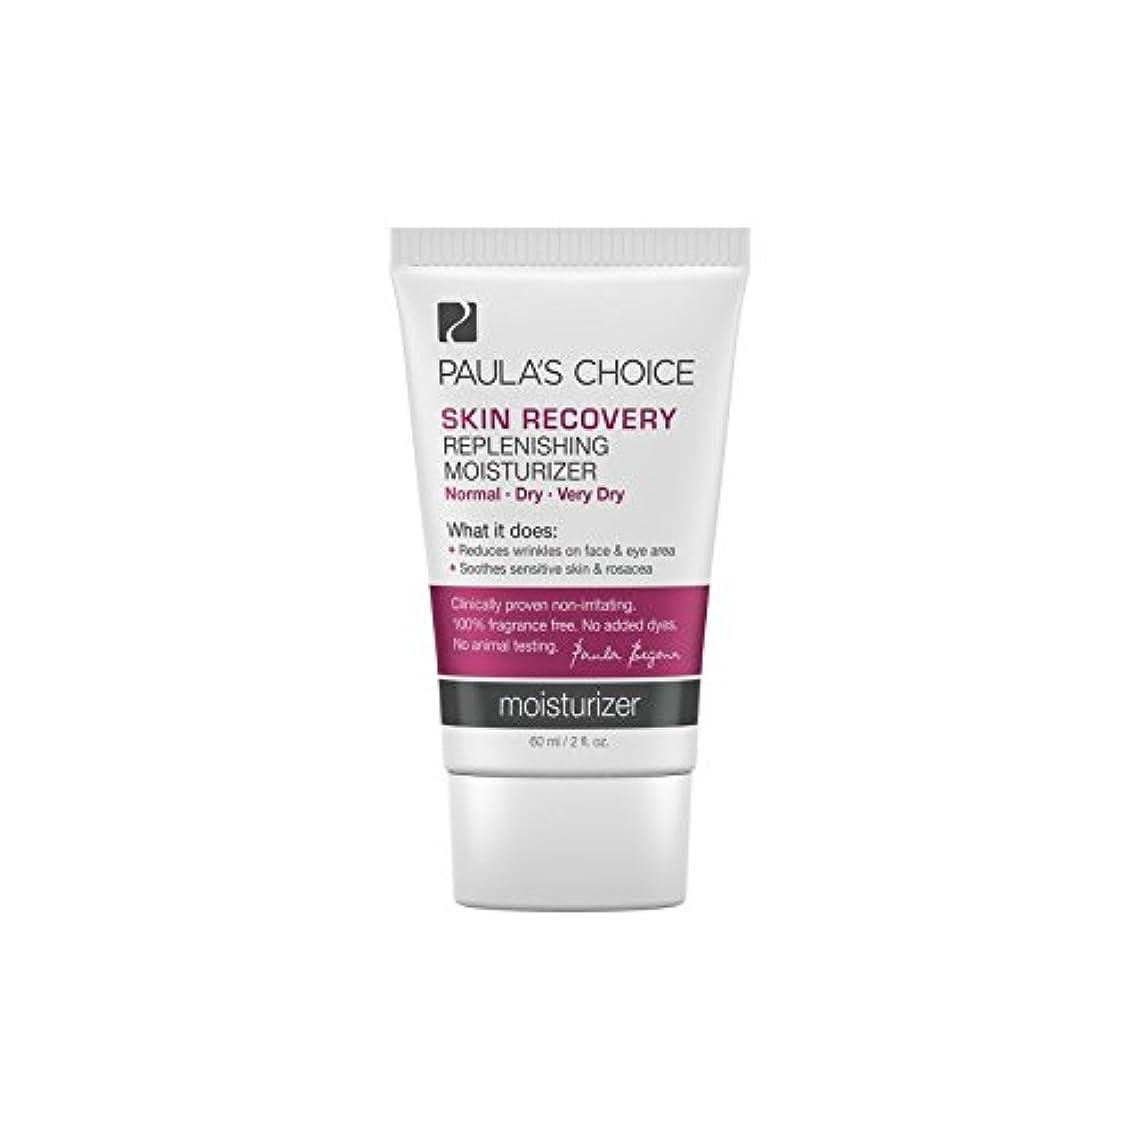 オアシス貸し手神経Paula's Choice Skin Recovery Replenishing Moisturizer (60ml) - ポーラチョイスの肌の回復補充保湿(60ミリリットル) [並行輸入品]